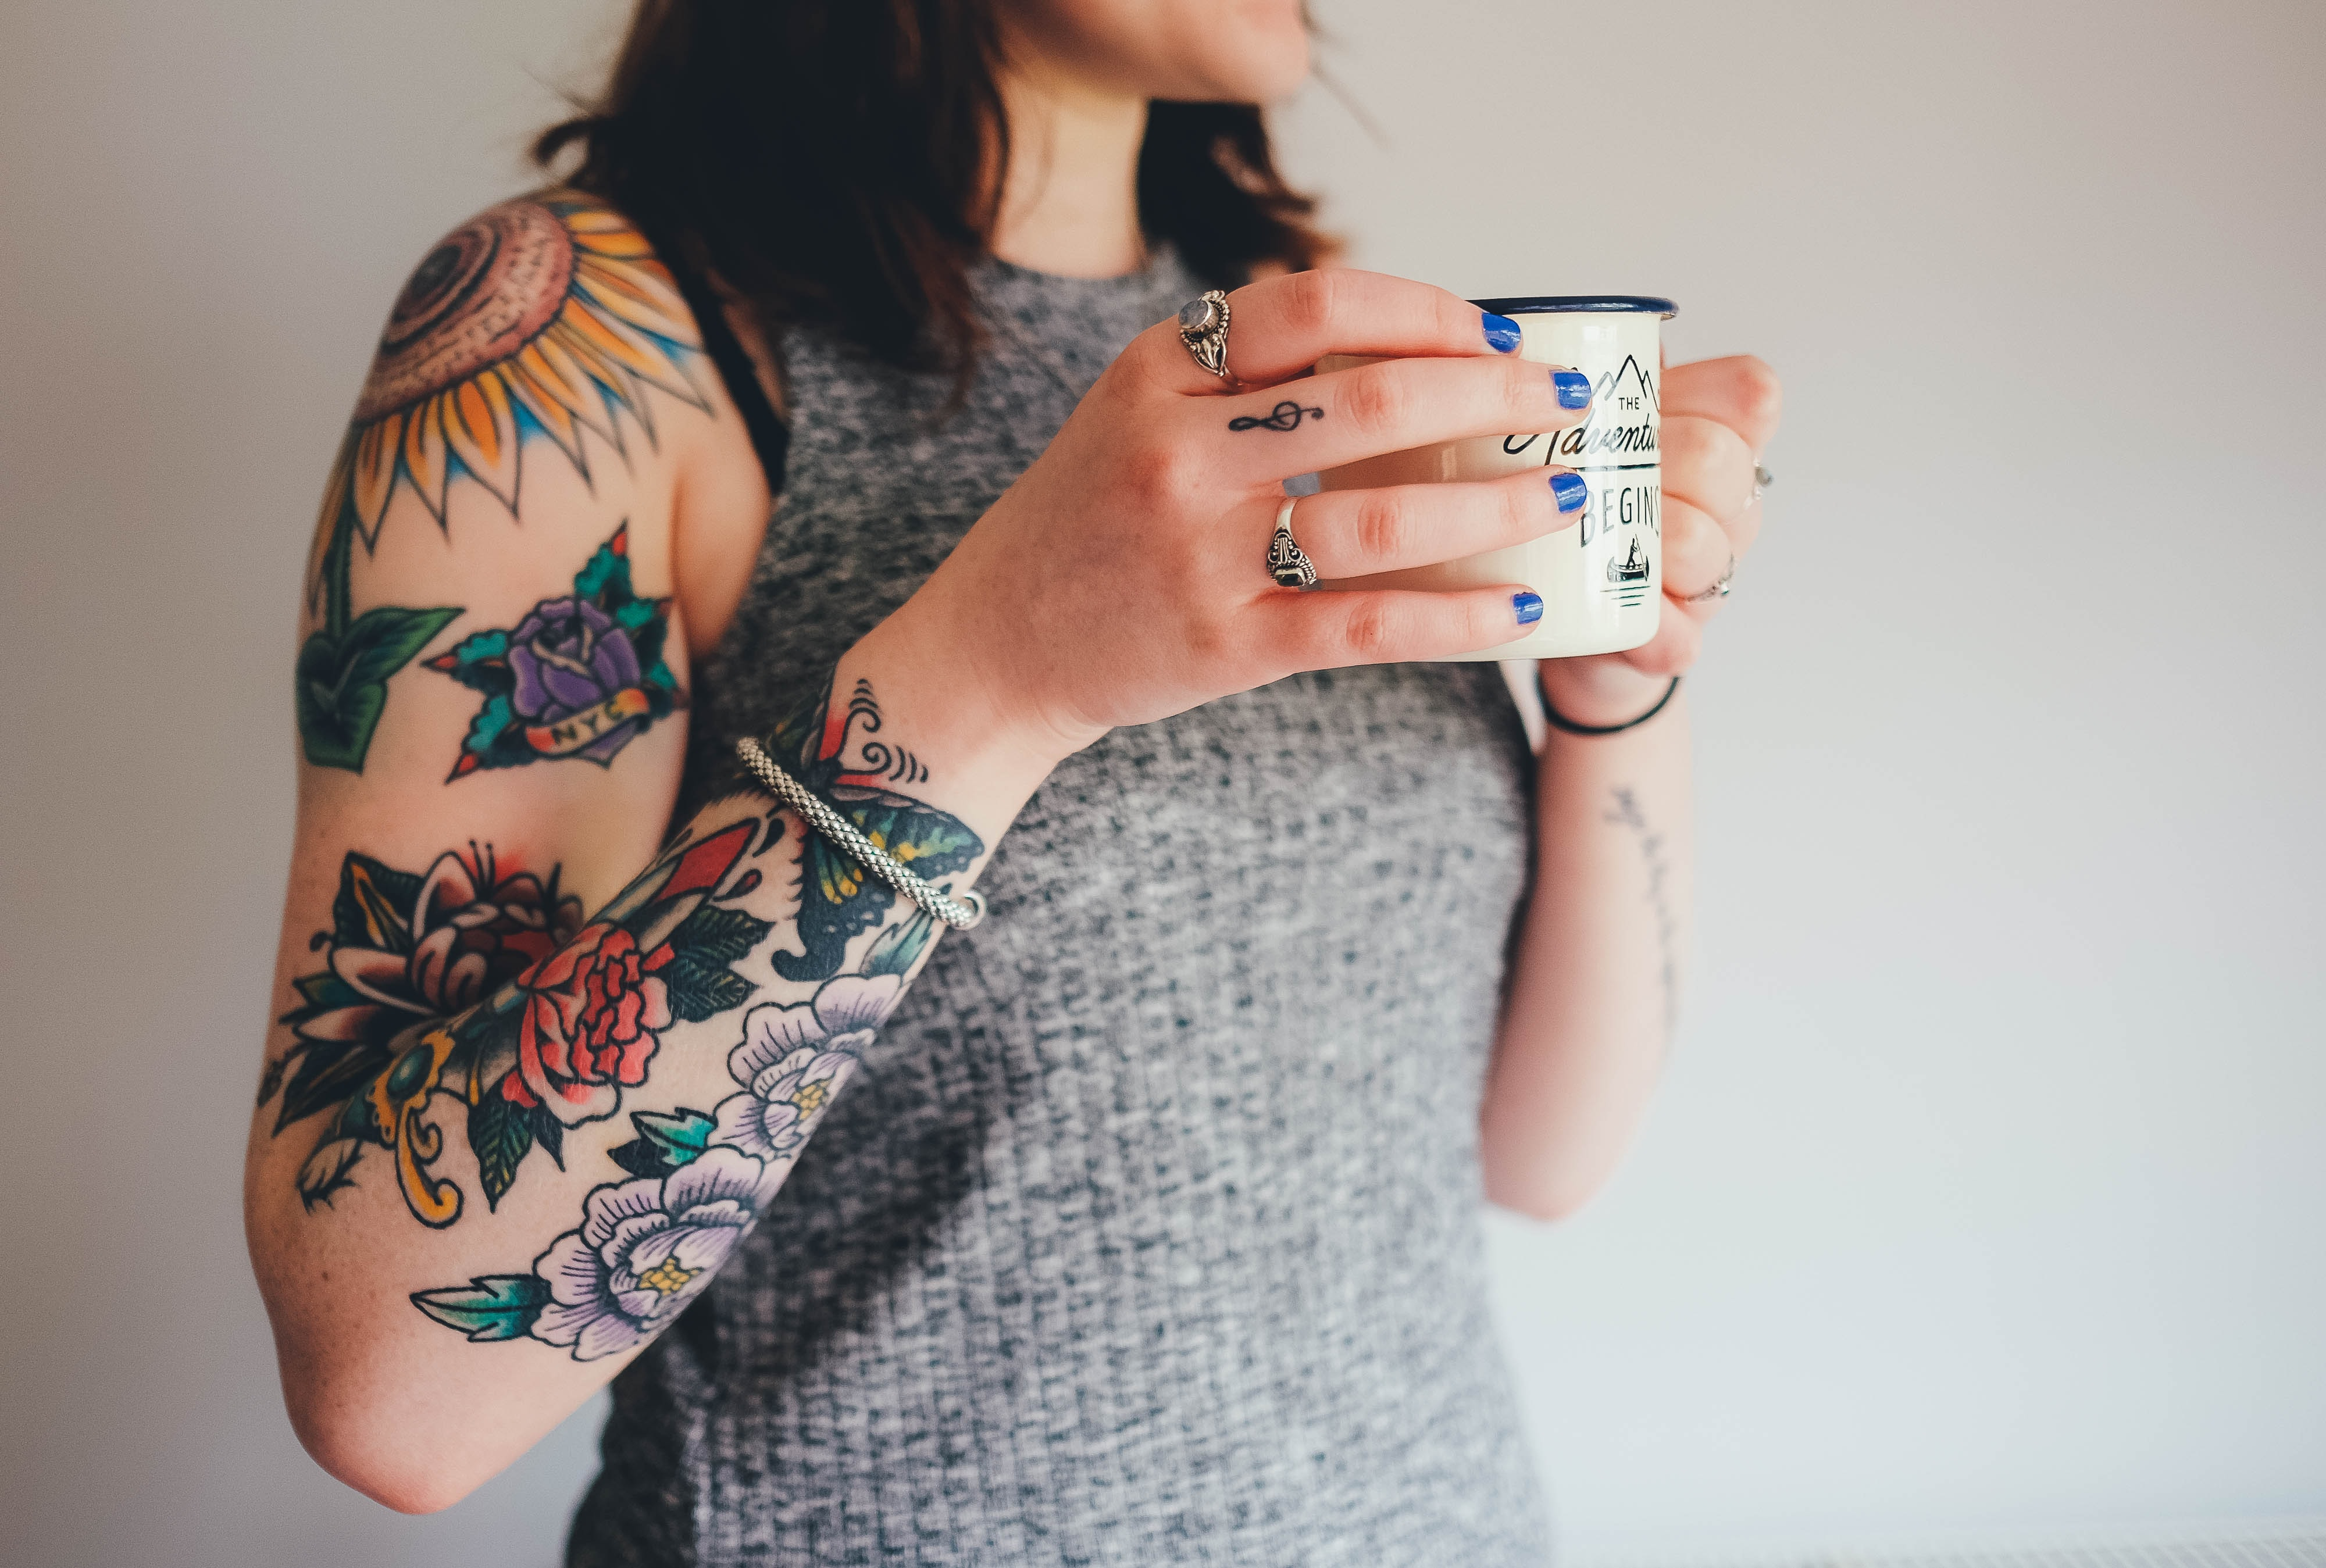 Tattoo & Art, Amsterdam in October